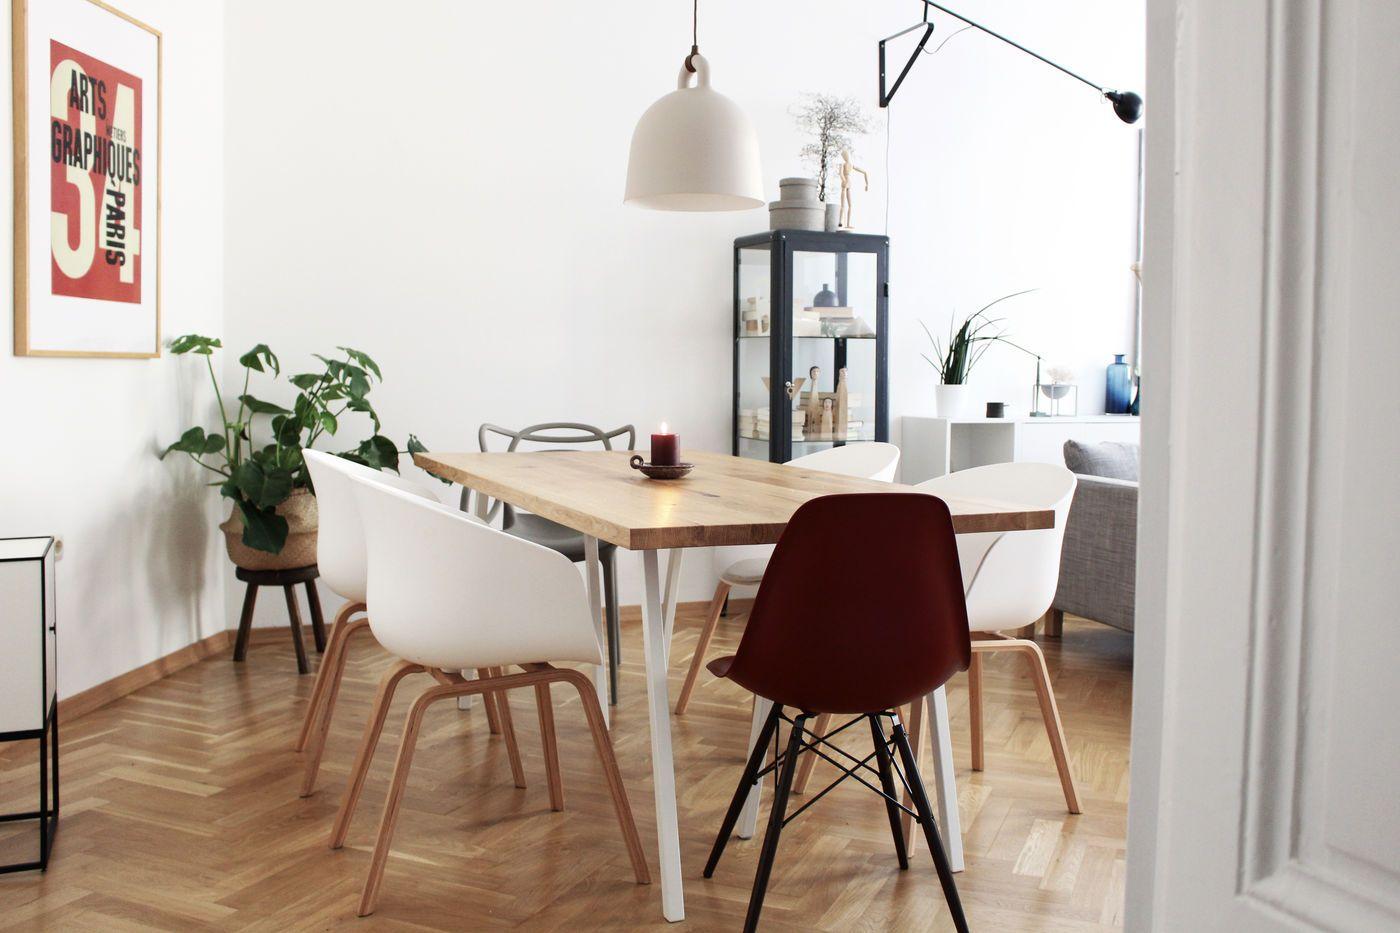 Ikea Putzschrank ideen und inspirationen für ikea schränke